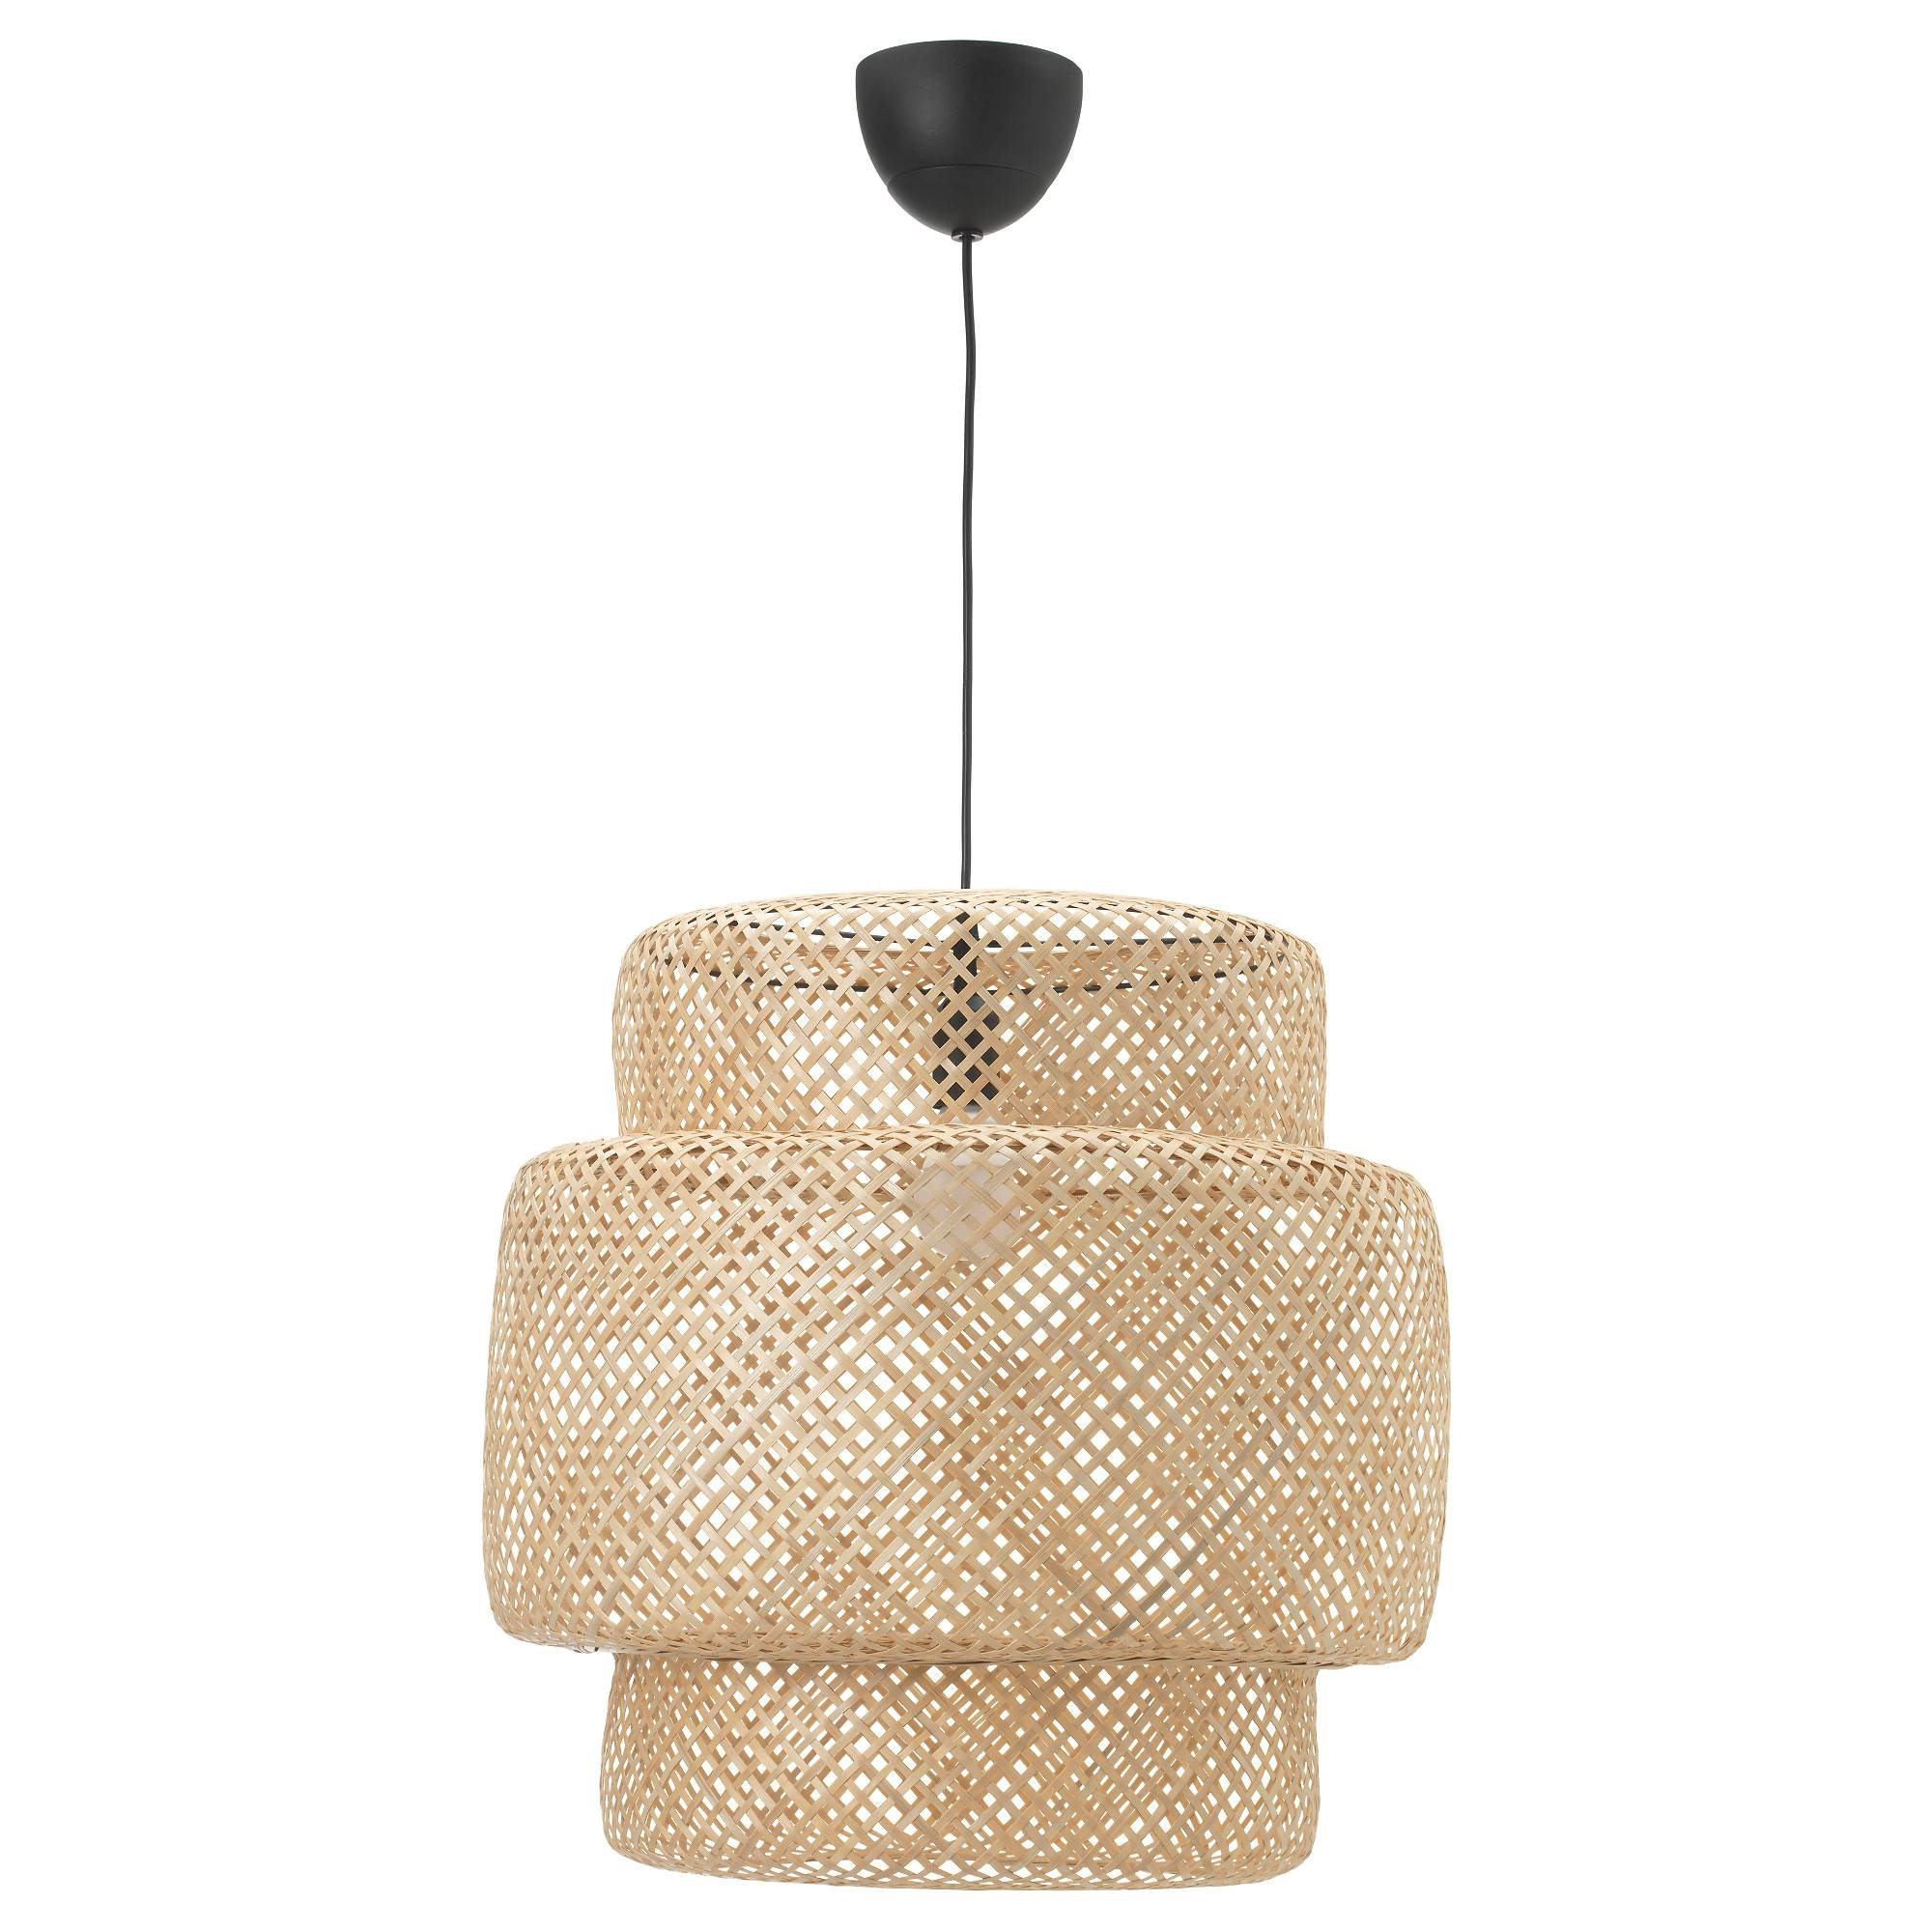 Pendant Lighting | Pendant Lamps & Chandeliers | Ikea with regard to Ikea Lighting Pendants (Image 11 of 15)